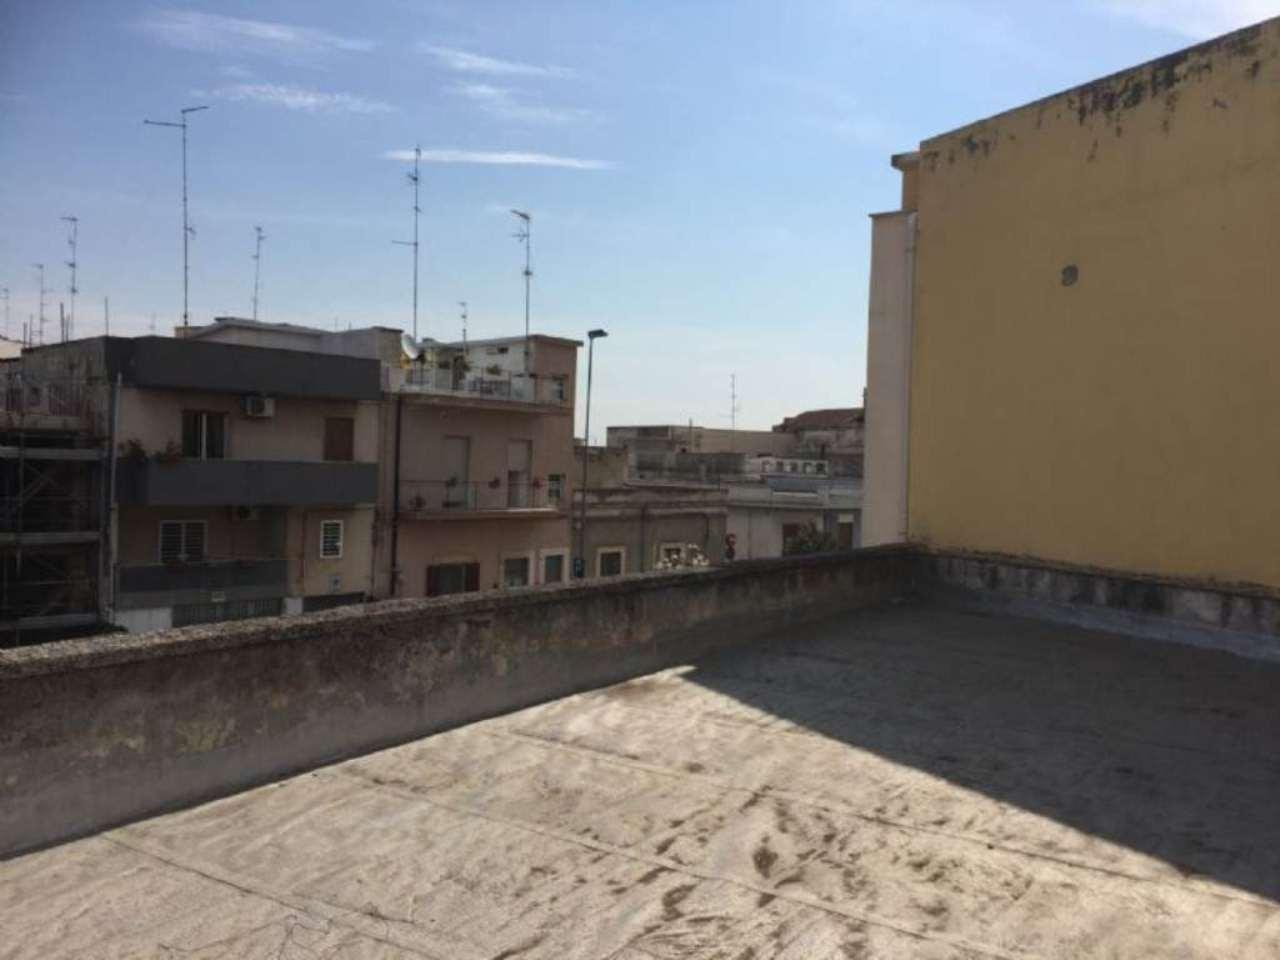 Soluzione Indipendente in vendita a Modugno, 4 locali, prezzo € 235.000 | CambioCasa.it